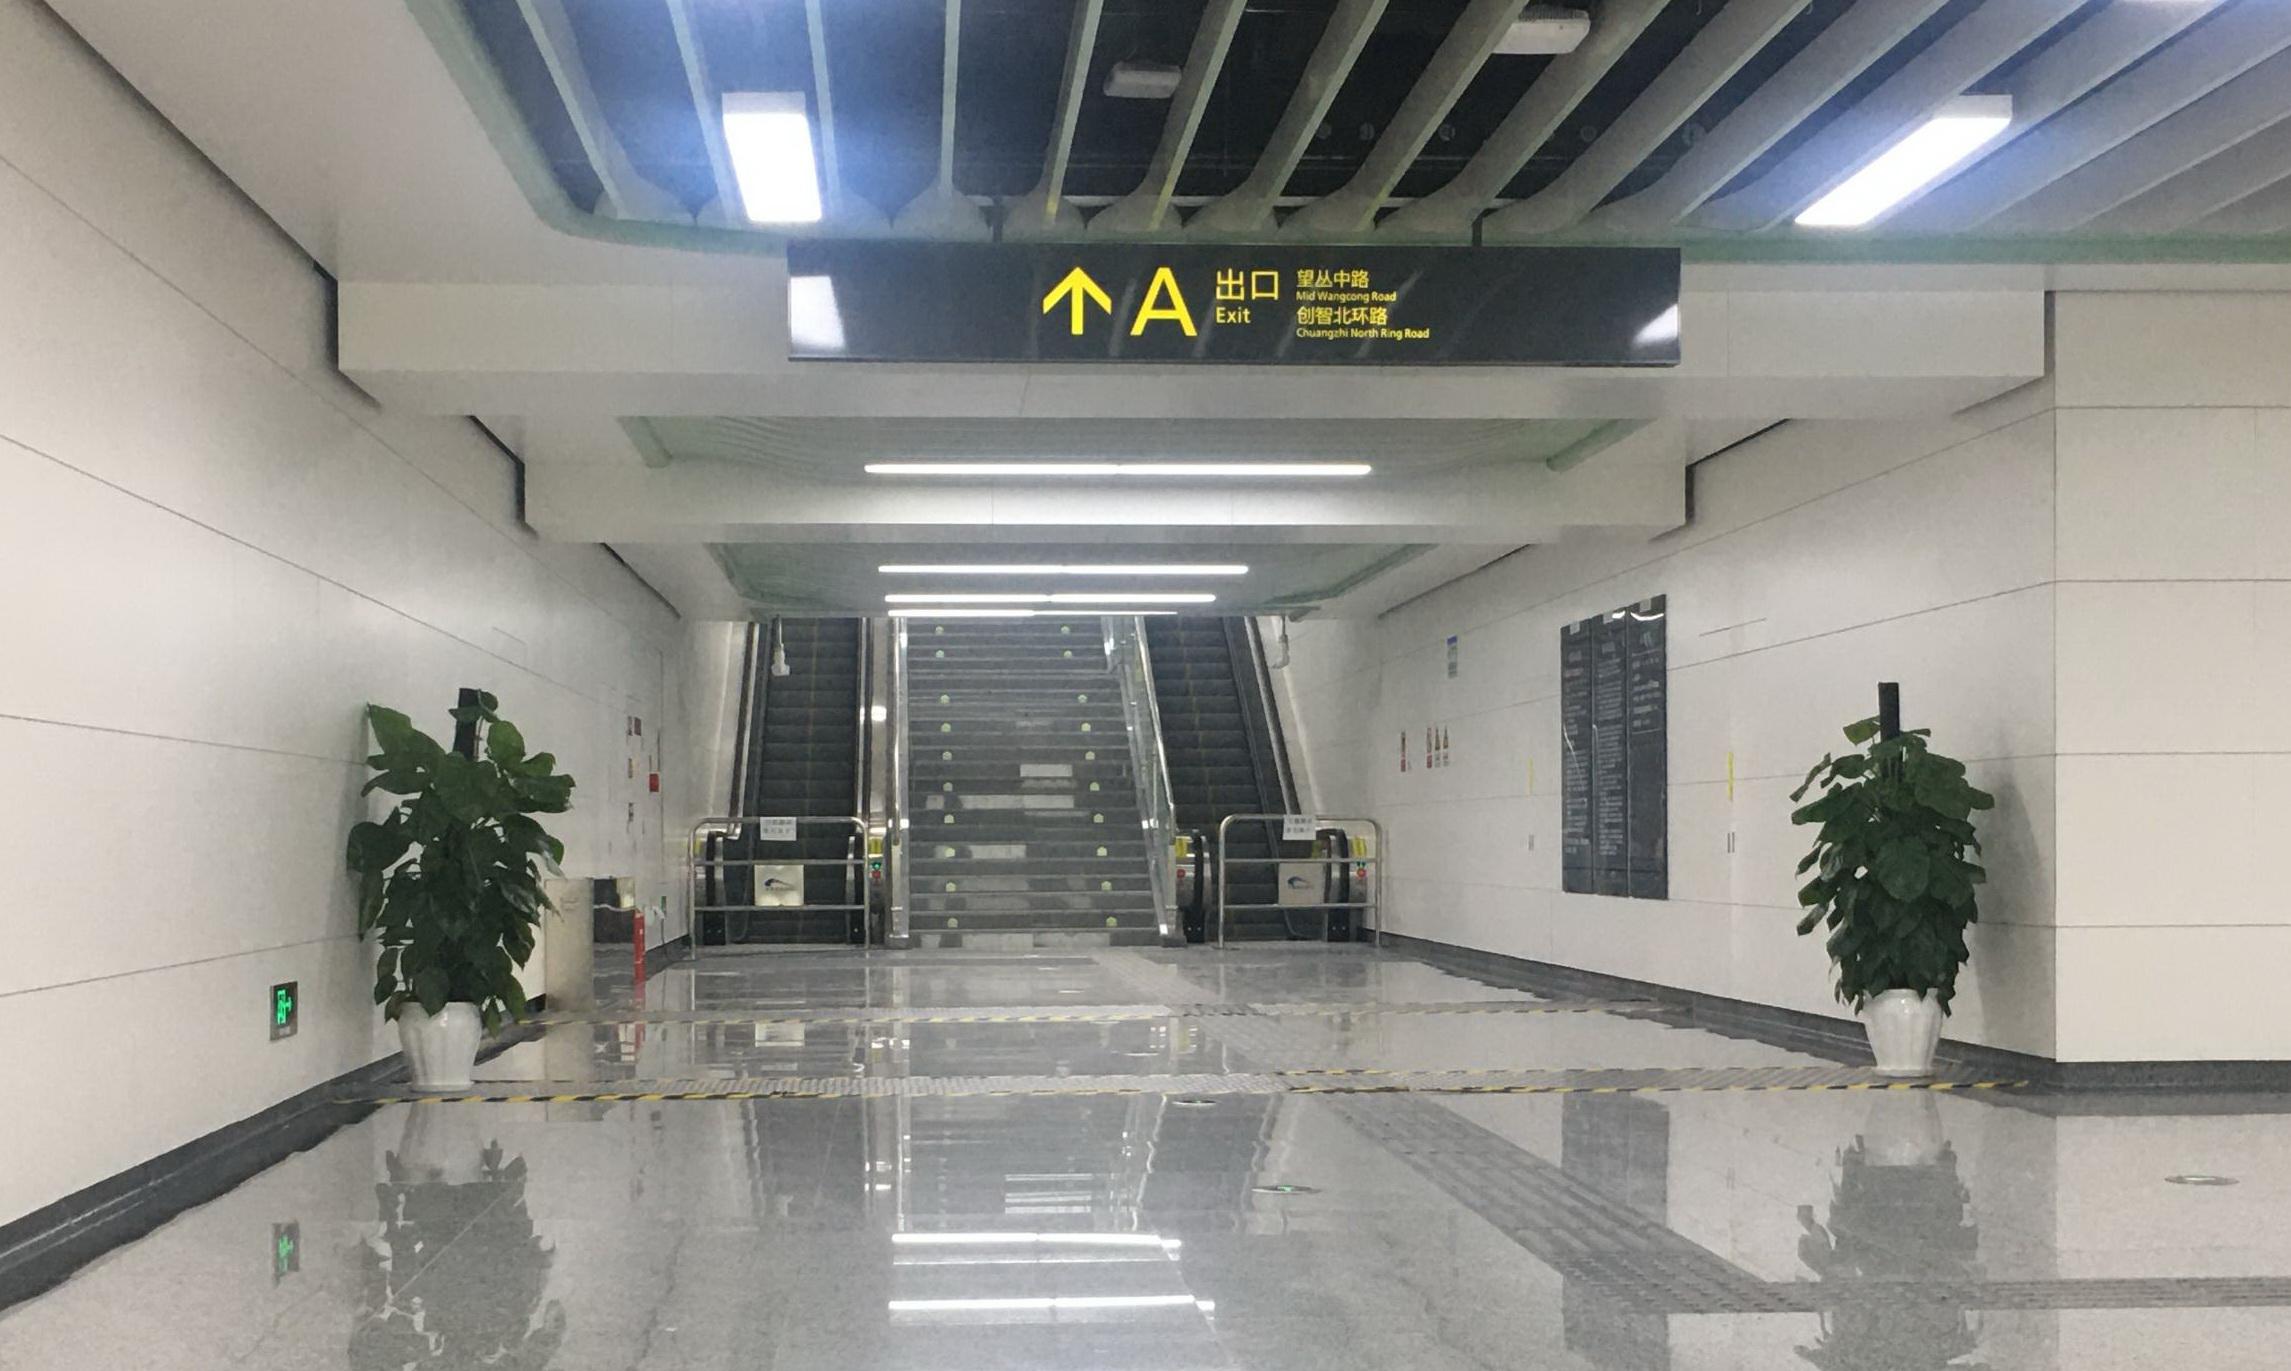 6號線望叢祠站出入口通道